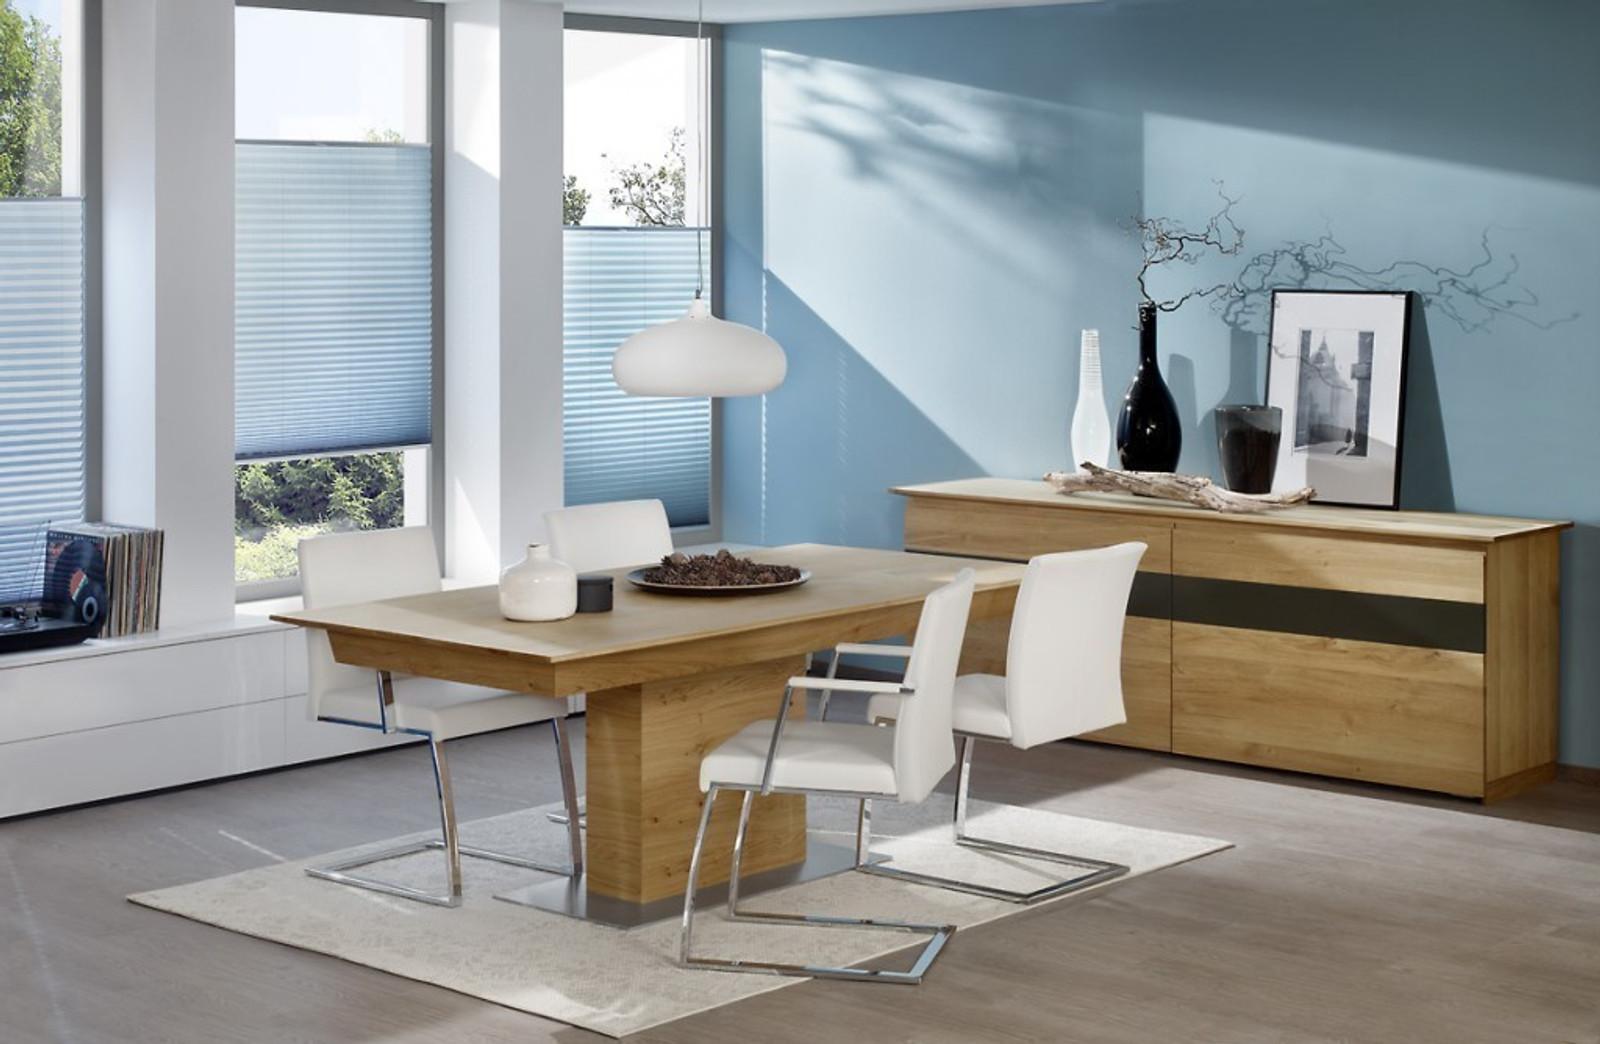 Esstisch / Tisch Säulentisch / Mittelfußtisch Moretta mit Vergrößerung, in Eiche, Kirschbaum, Kernbuche oder Buche vollmassiv